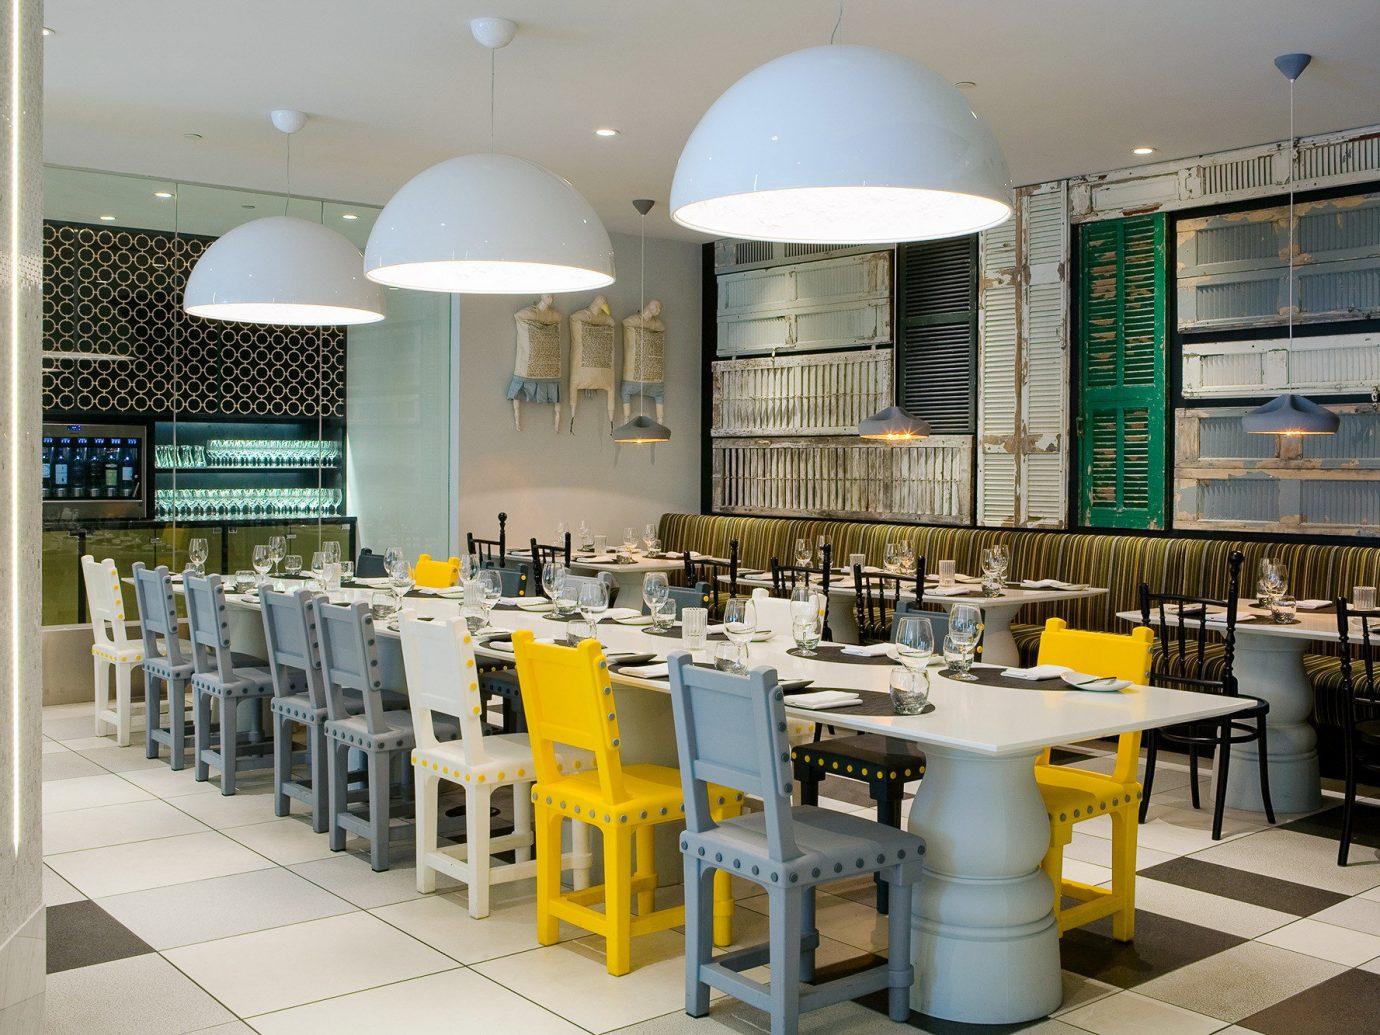 Alberta Canada Road Trips indoor floor restaurant interior design cafeteria